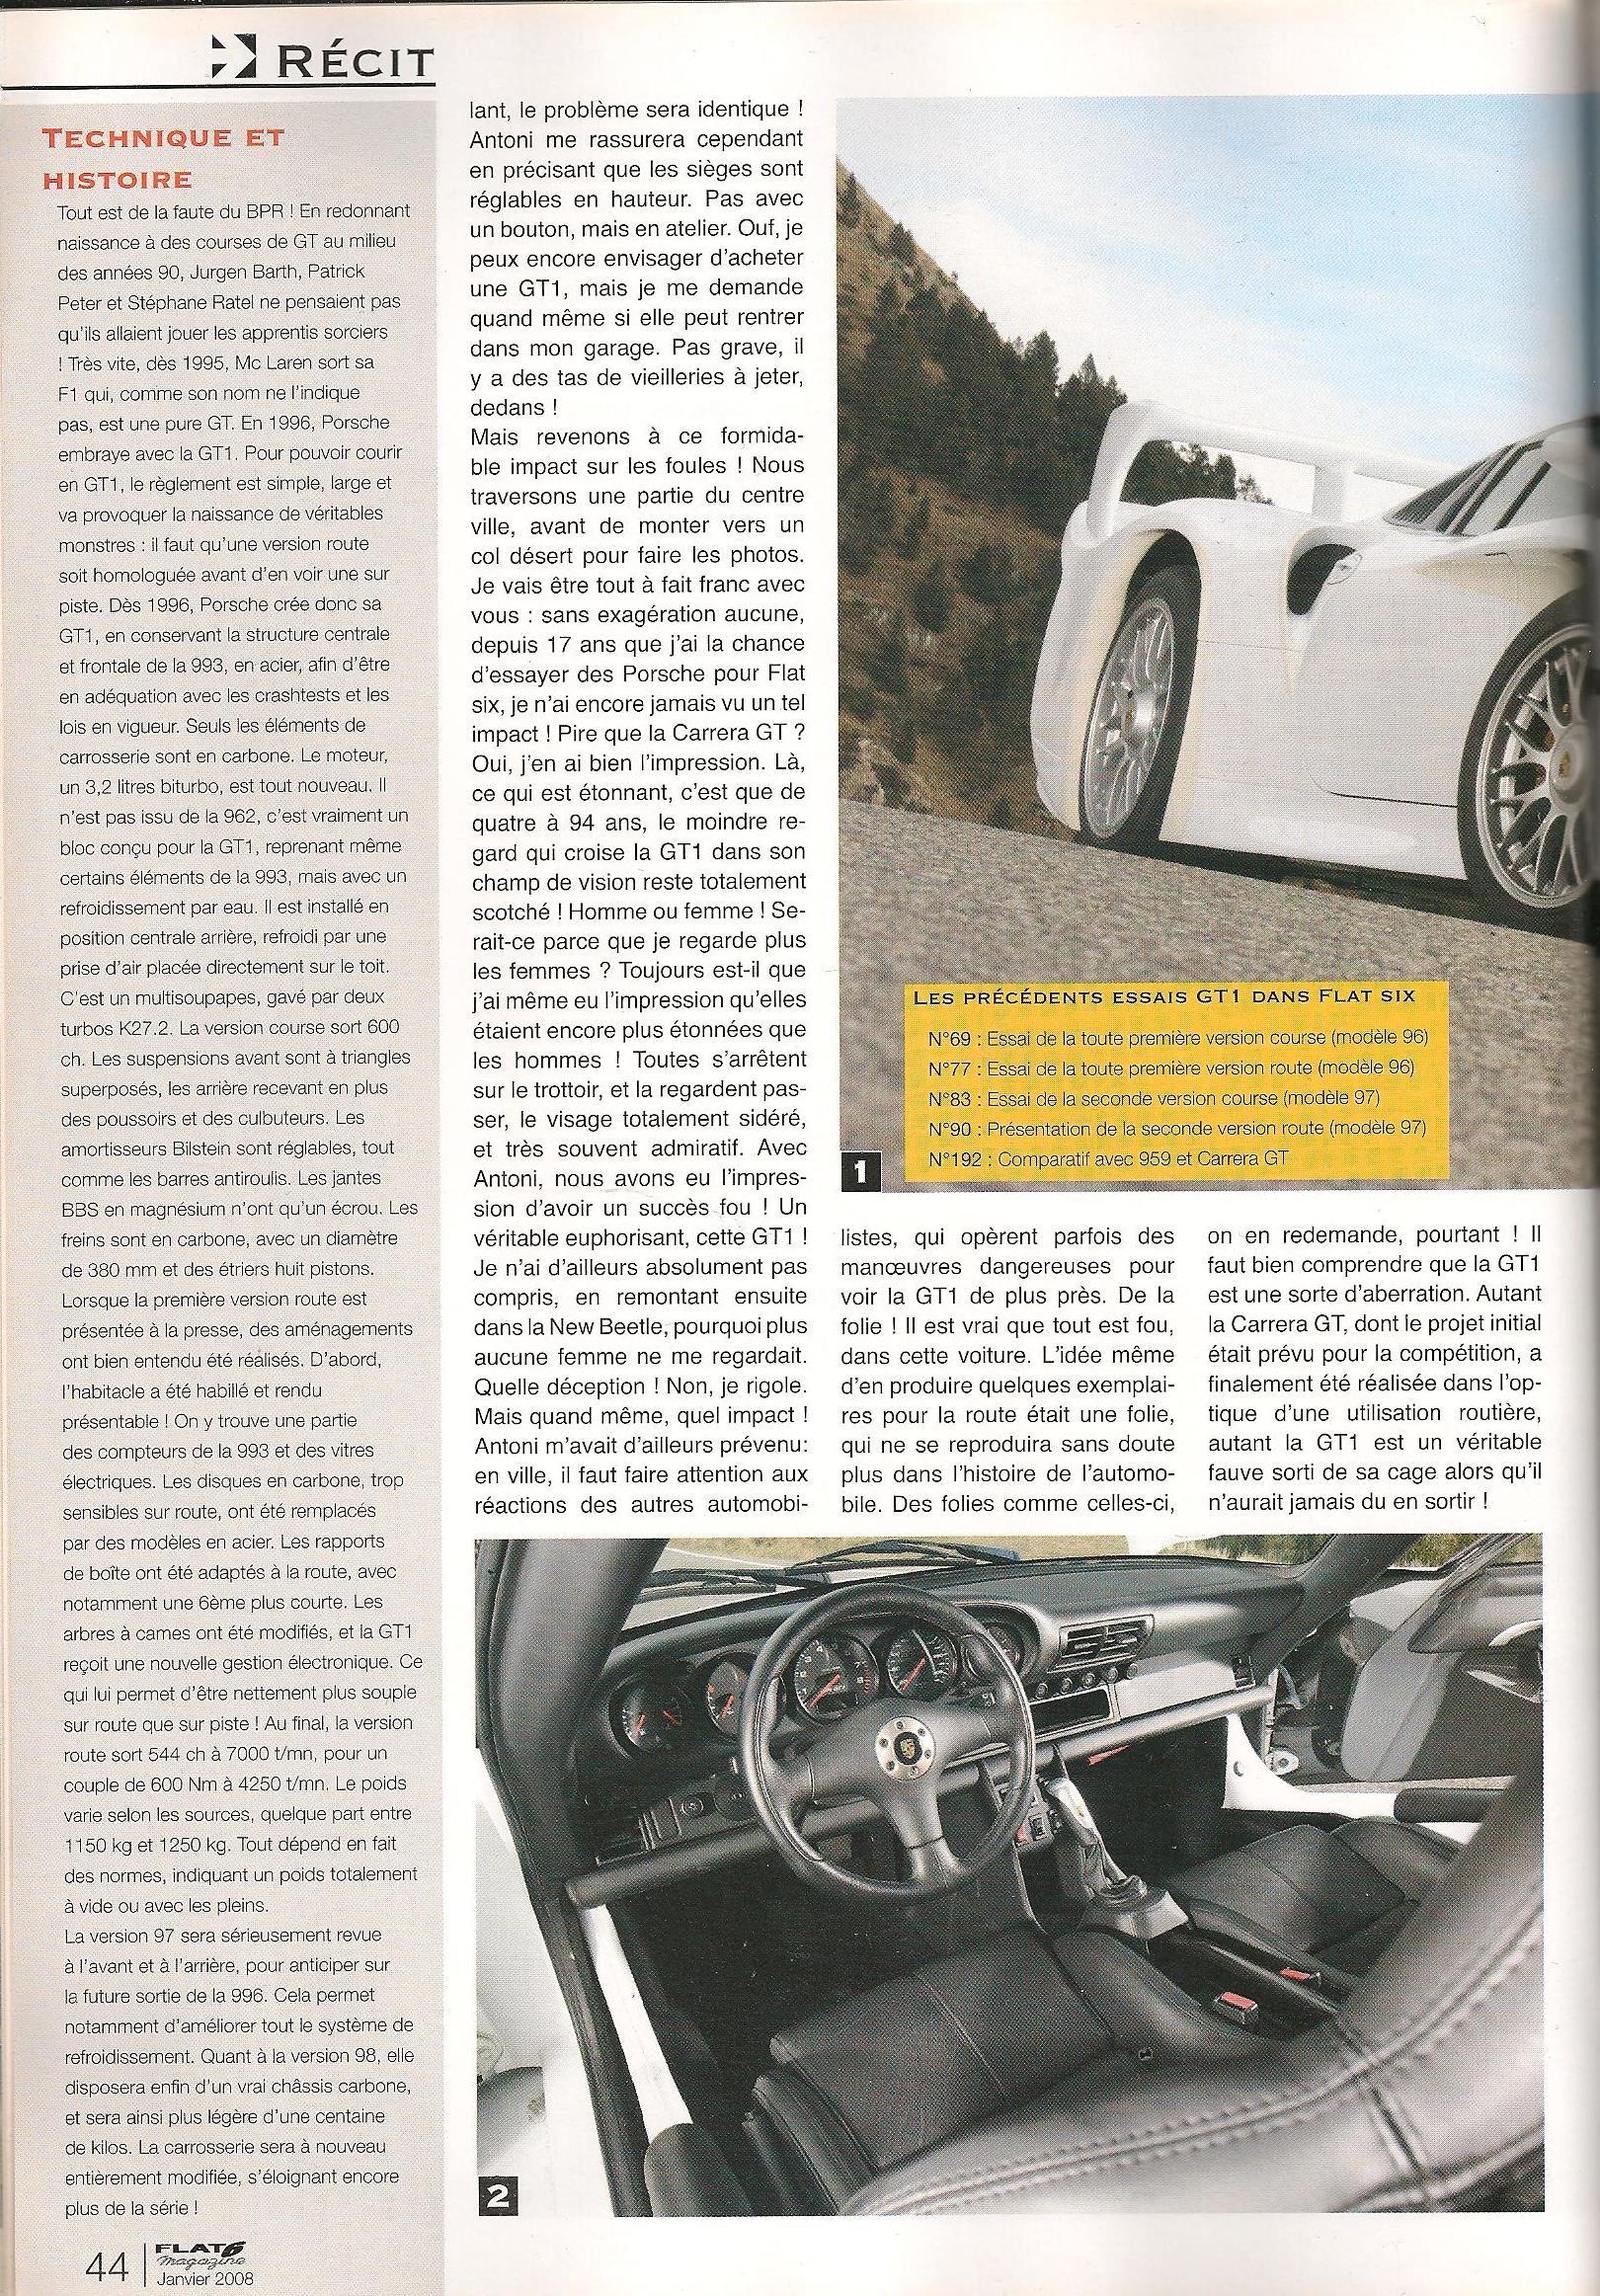 44 Cozy Prix D'une Porsche 911 Gt1 Cars Trend